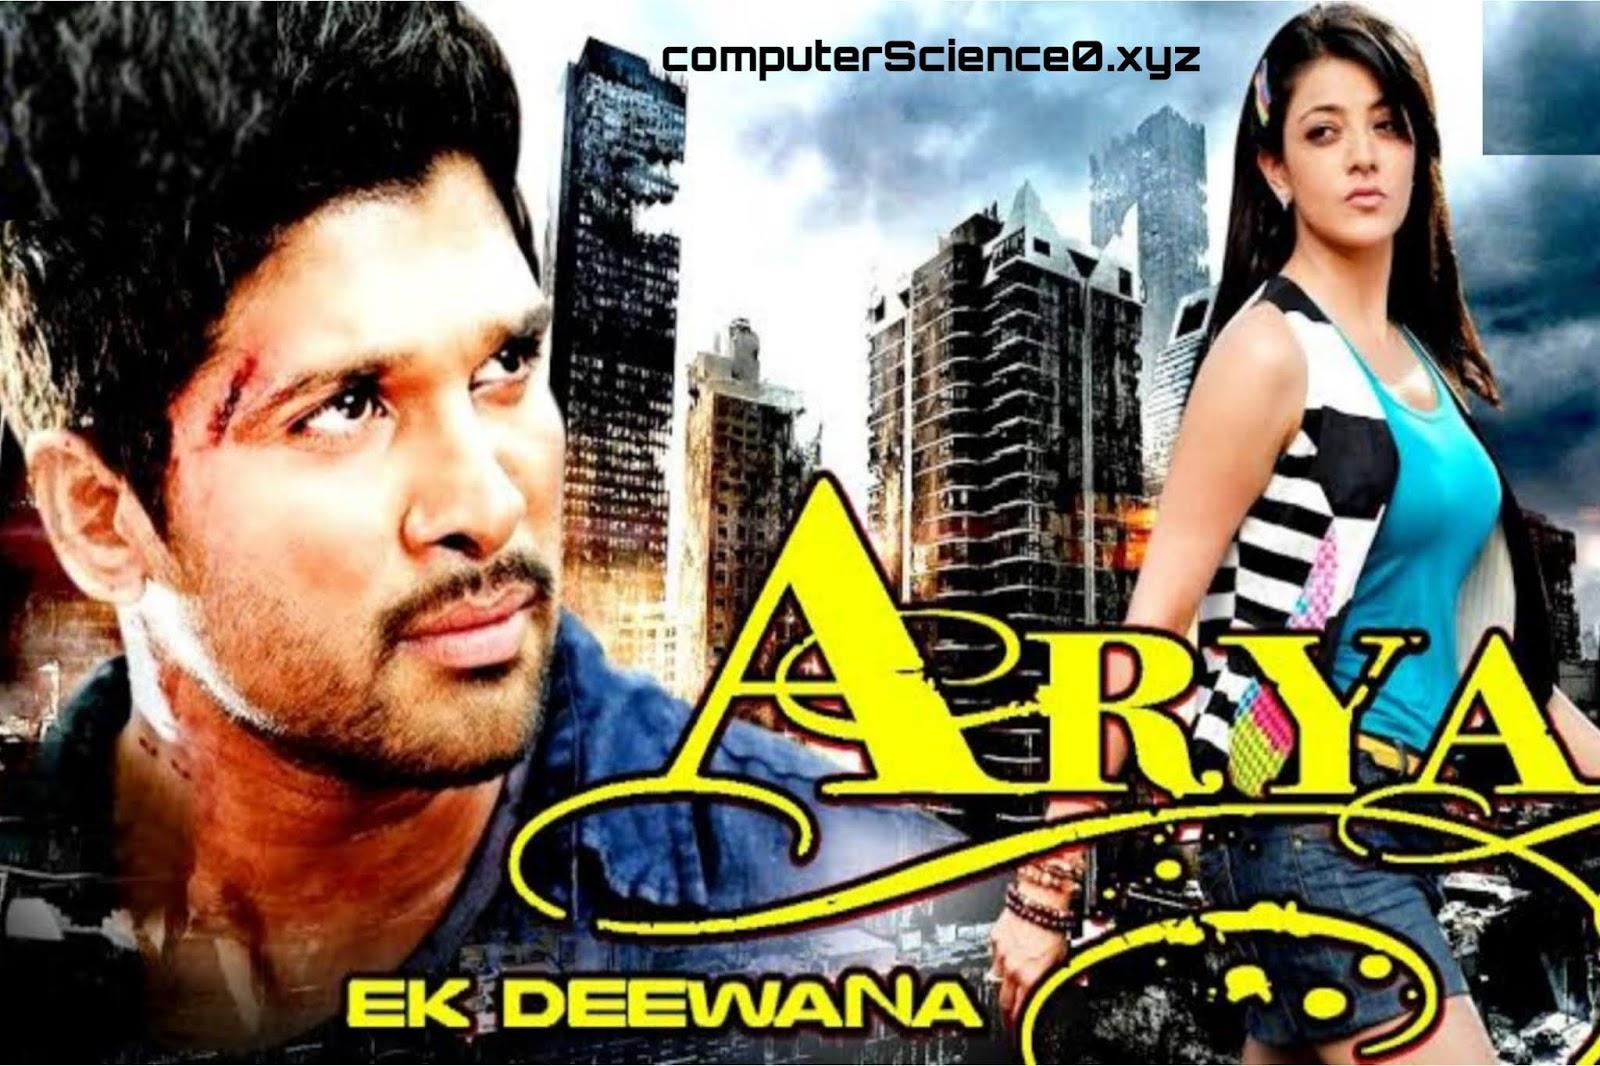 Arya, Ek Deewana Allu Arjun's Top 19 movies of all time